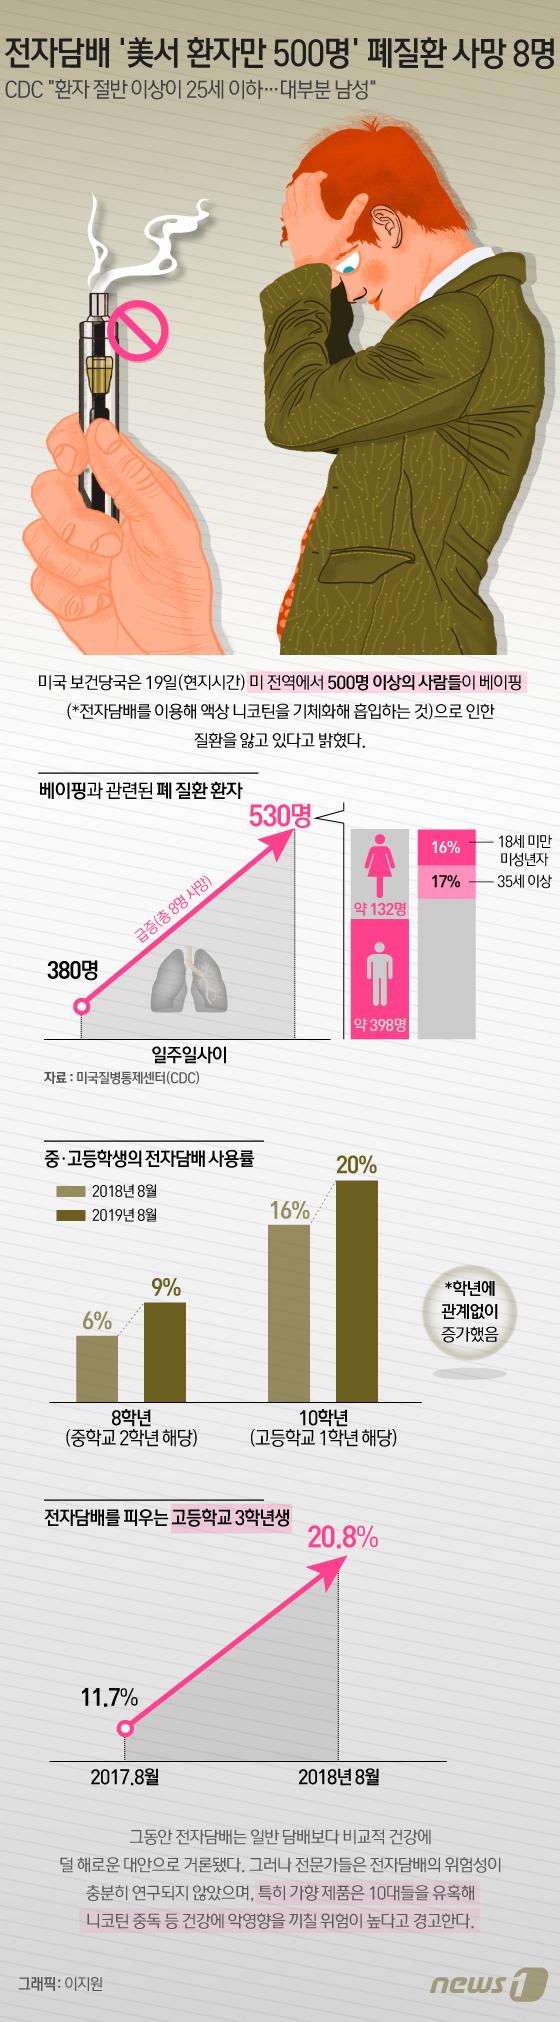 [그래픽뉴스] 전자담배 \'美서 환자만 500명\' 폐질환 사망 8명